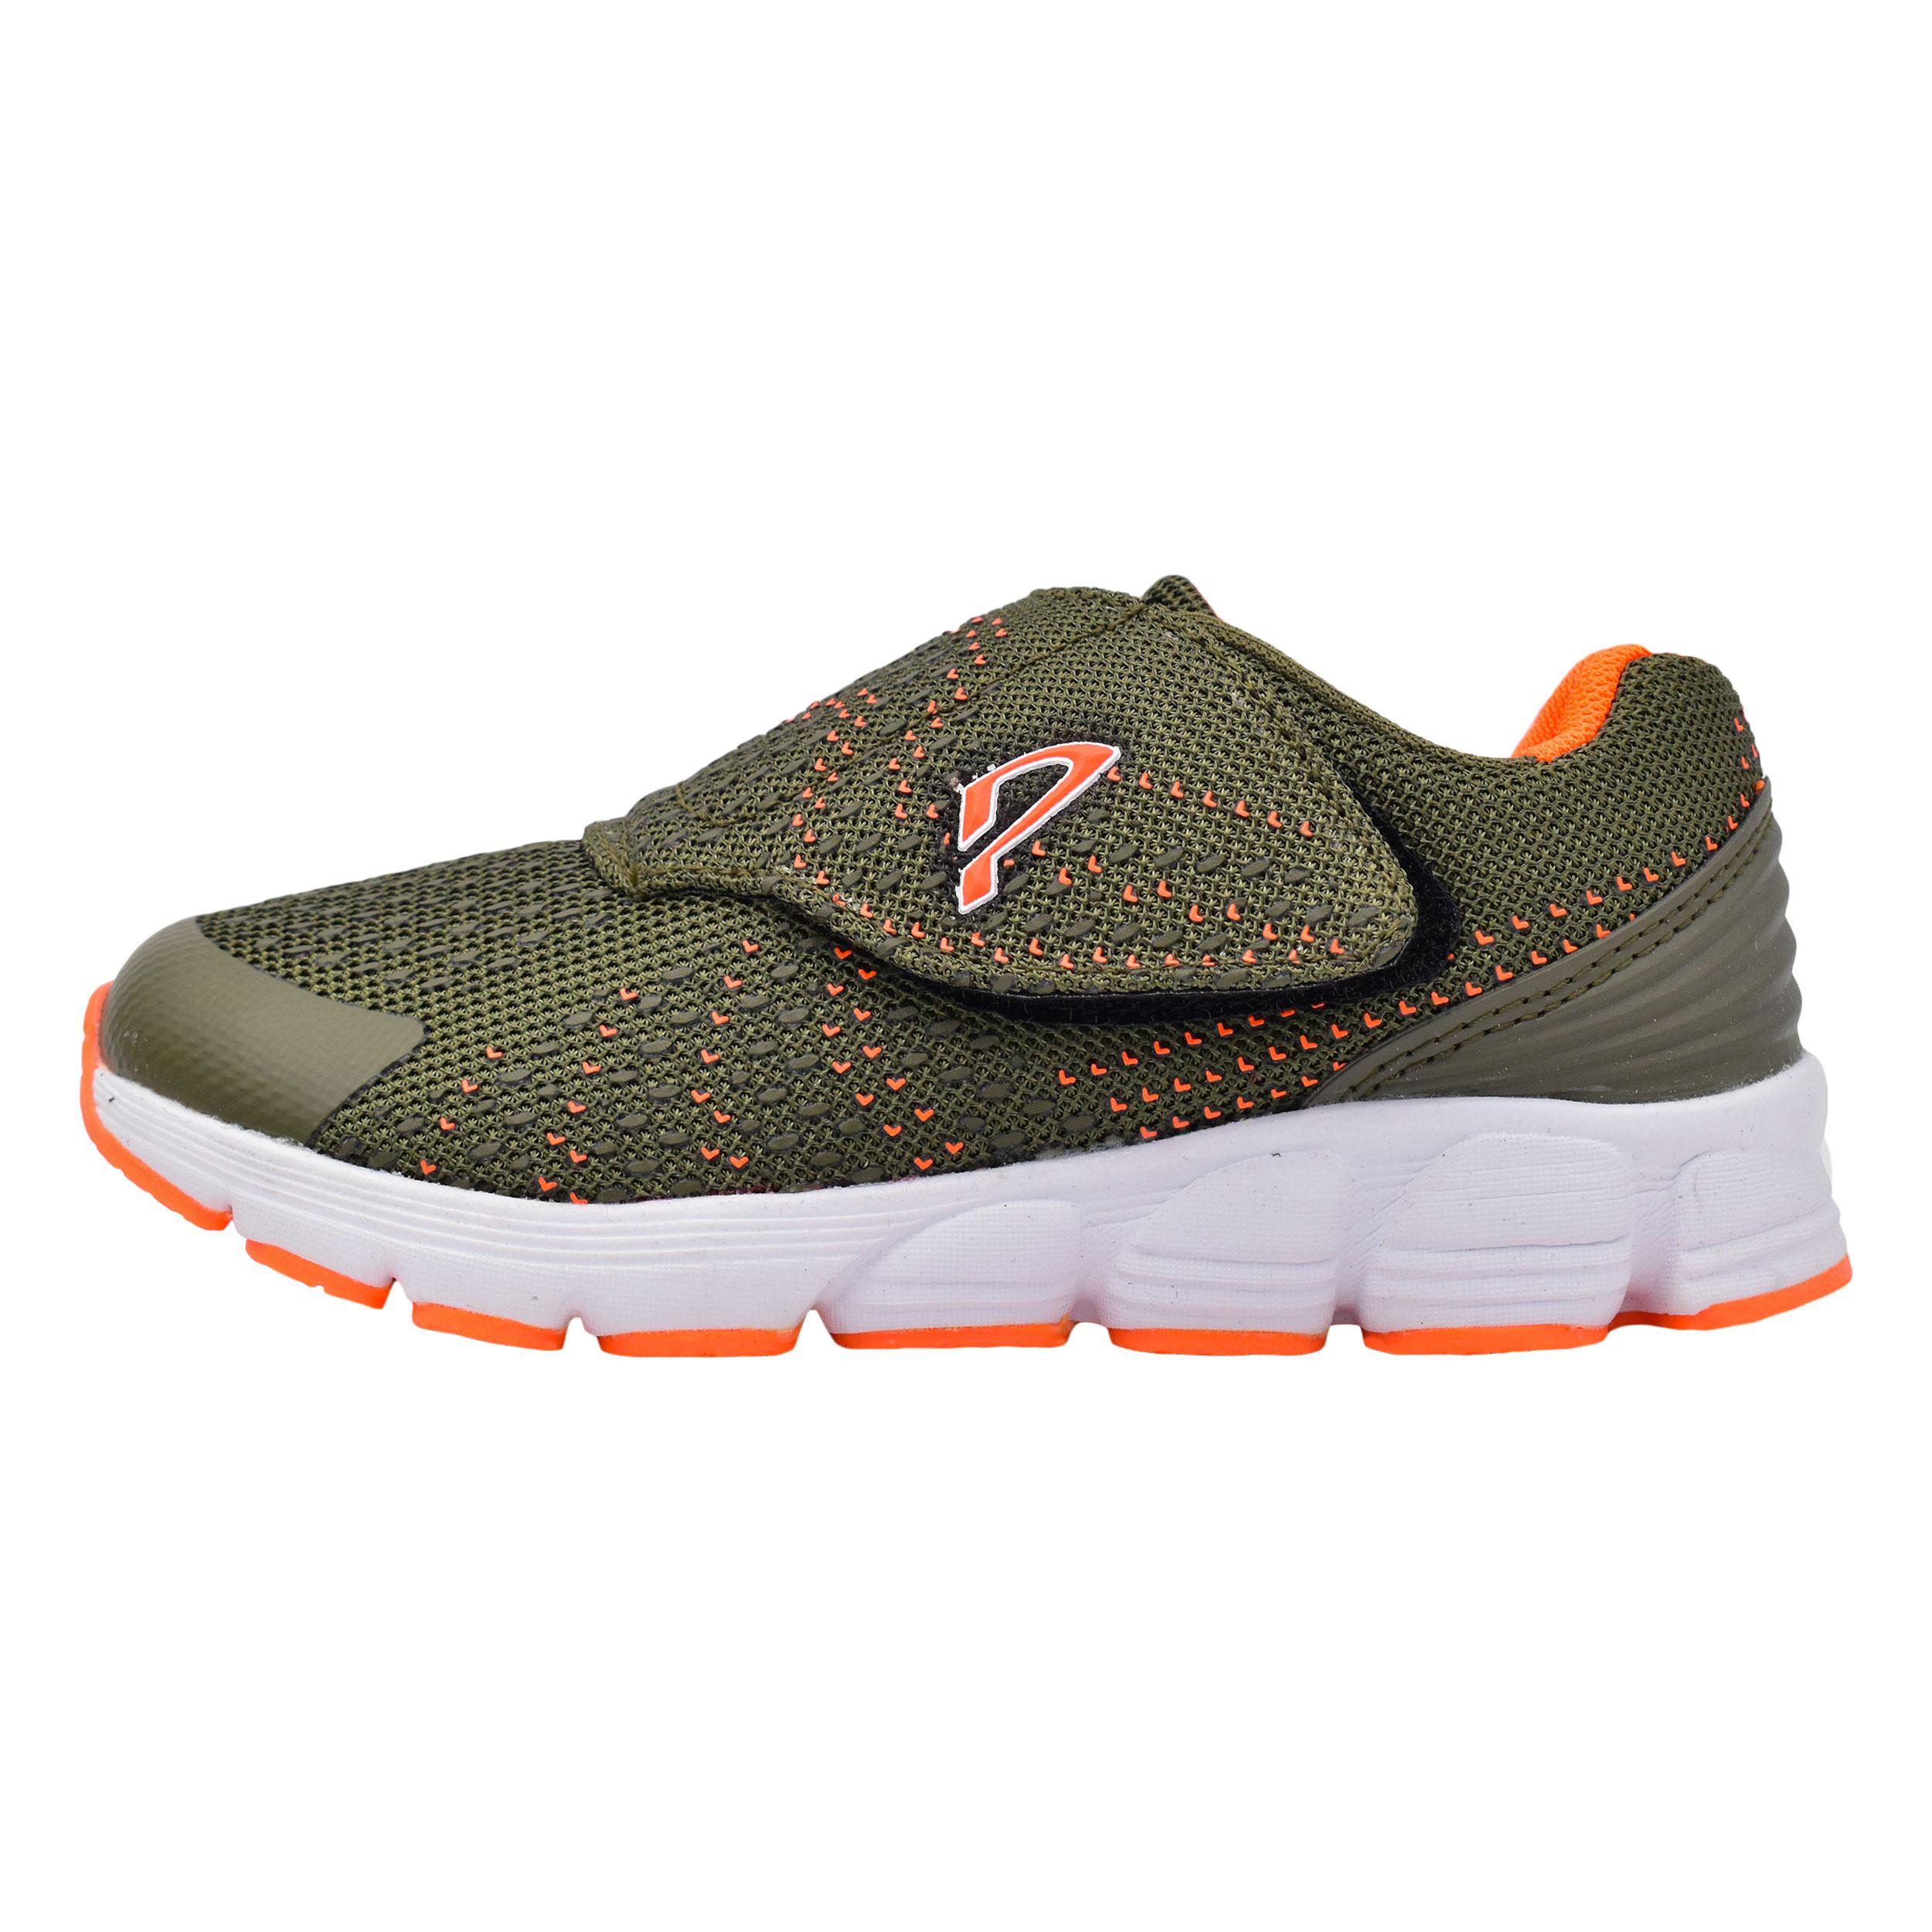 کفش مخصوص پیاده روی پسرانه پاما مدل Sacomi-129 کد G1459